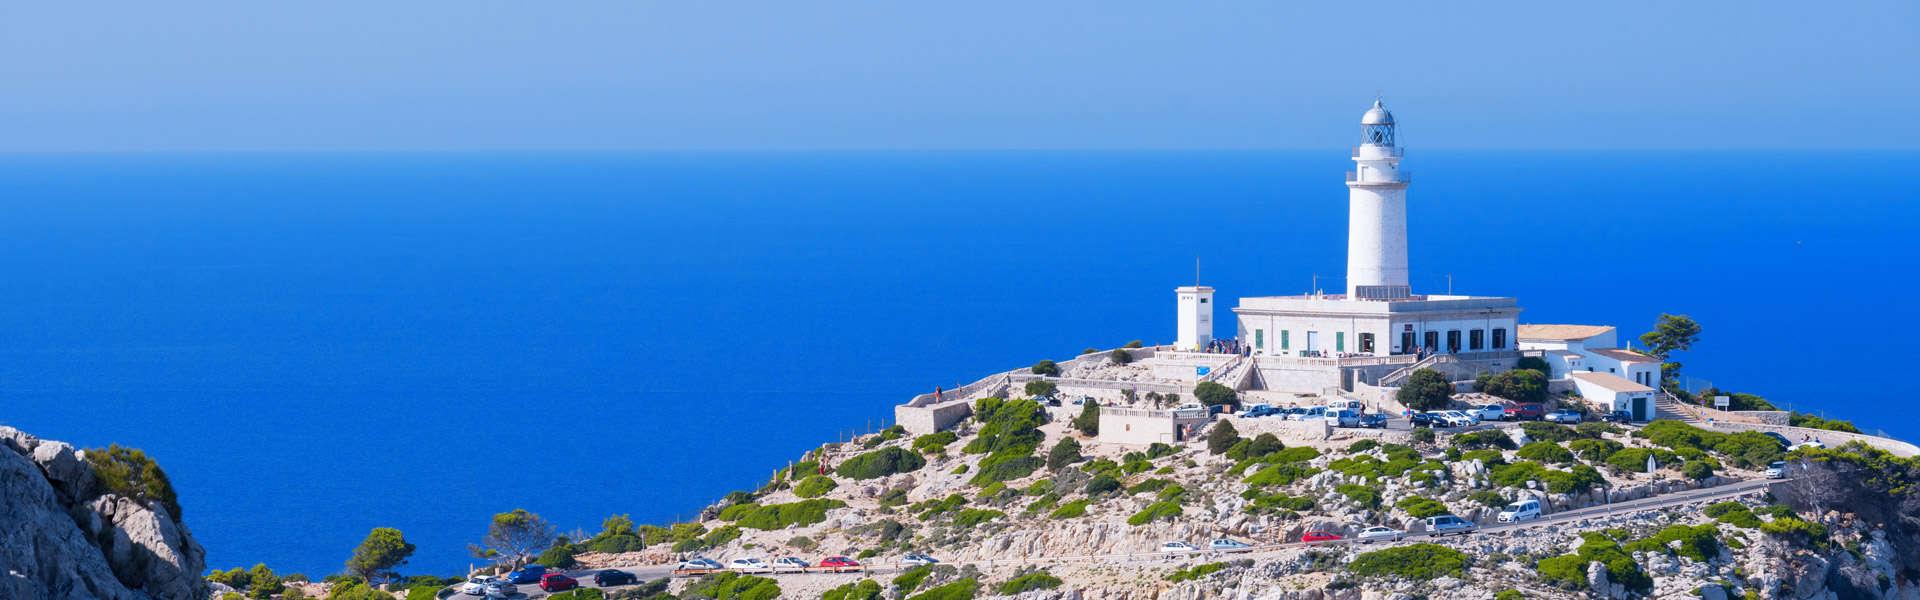 Traumhaft schön und immer einen Ausflug wert: Cap Formentor auf Mallorca mit dem berühmten Leutturm